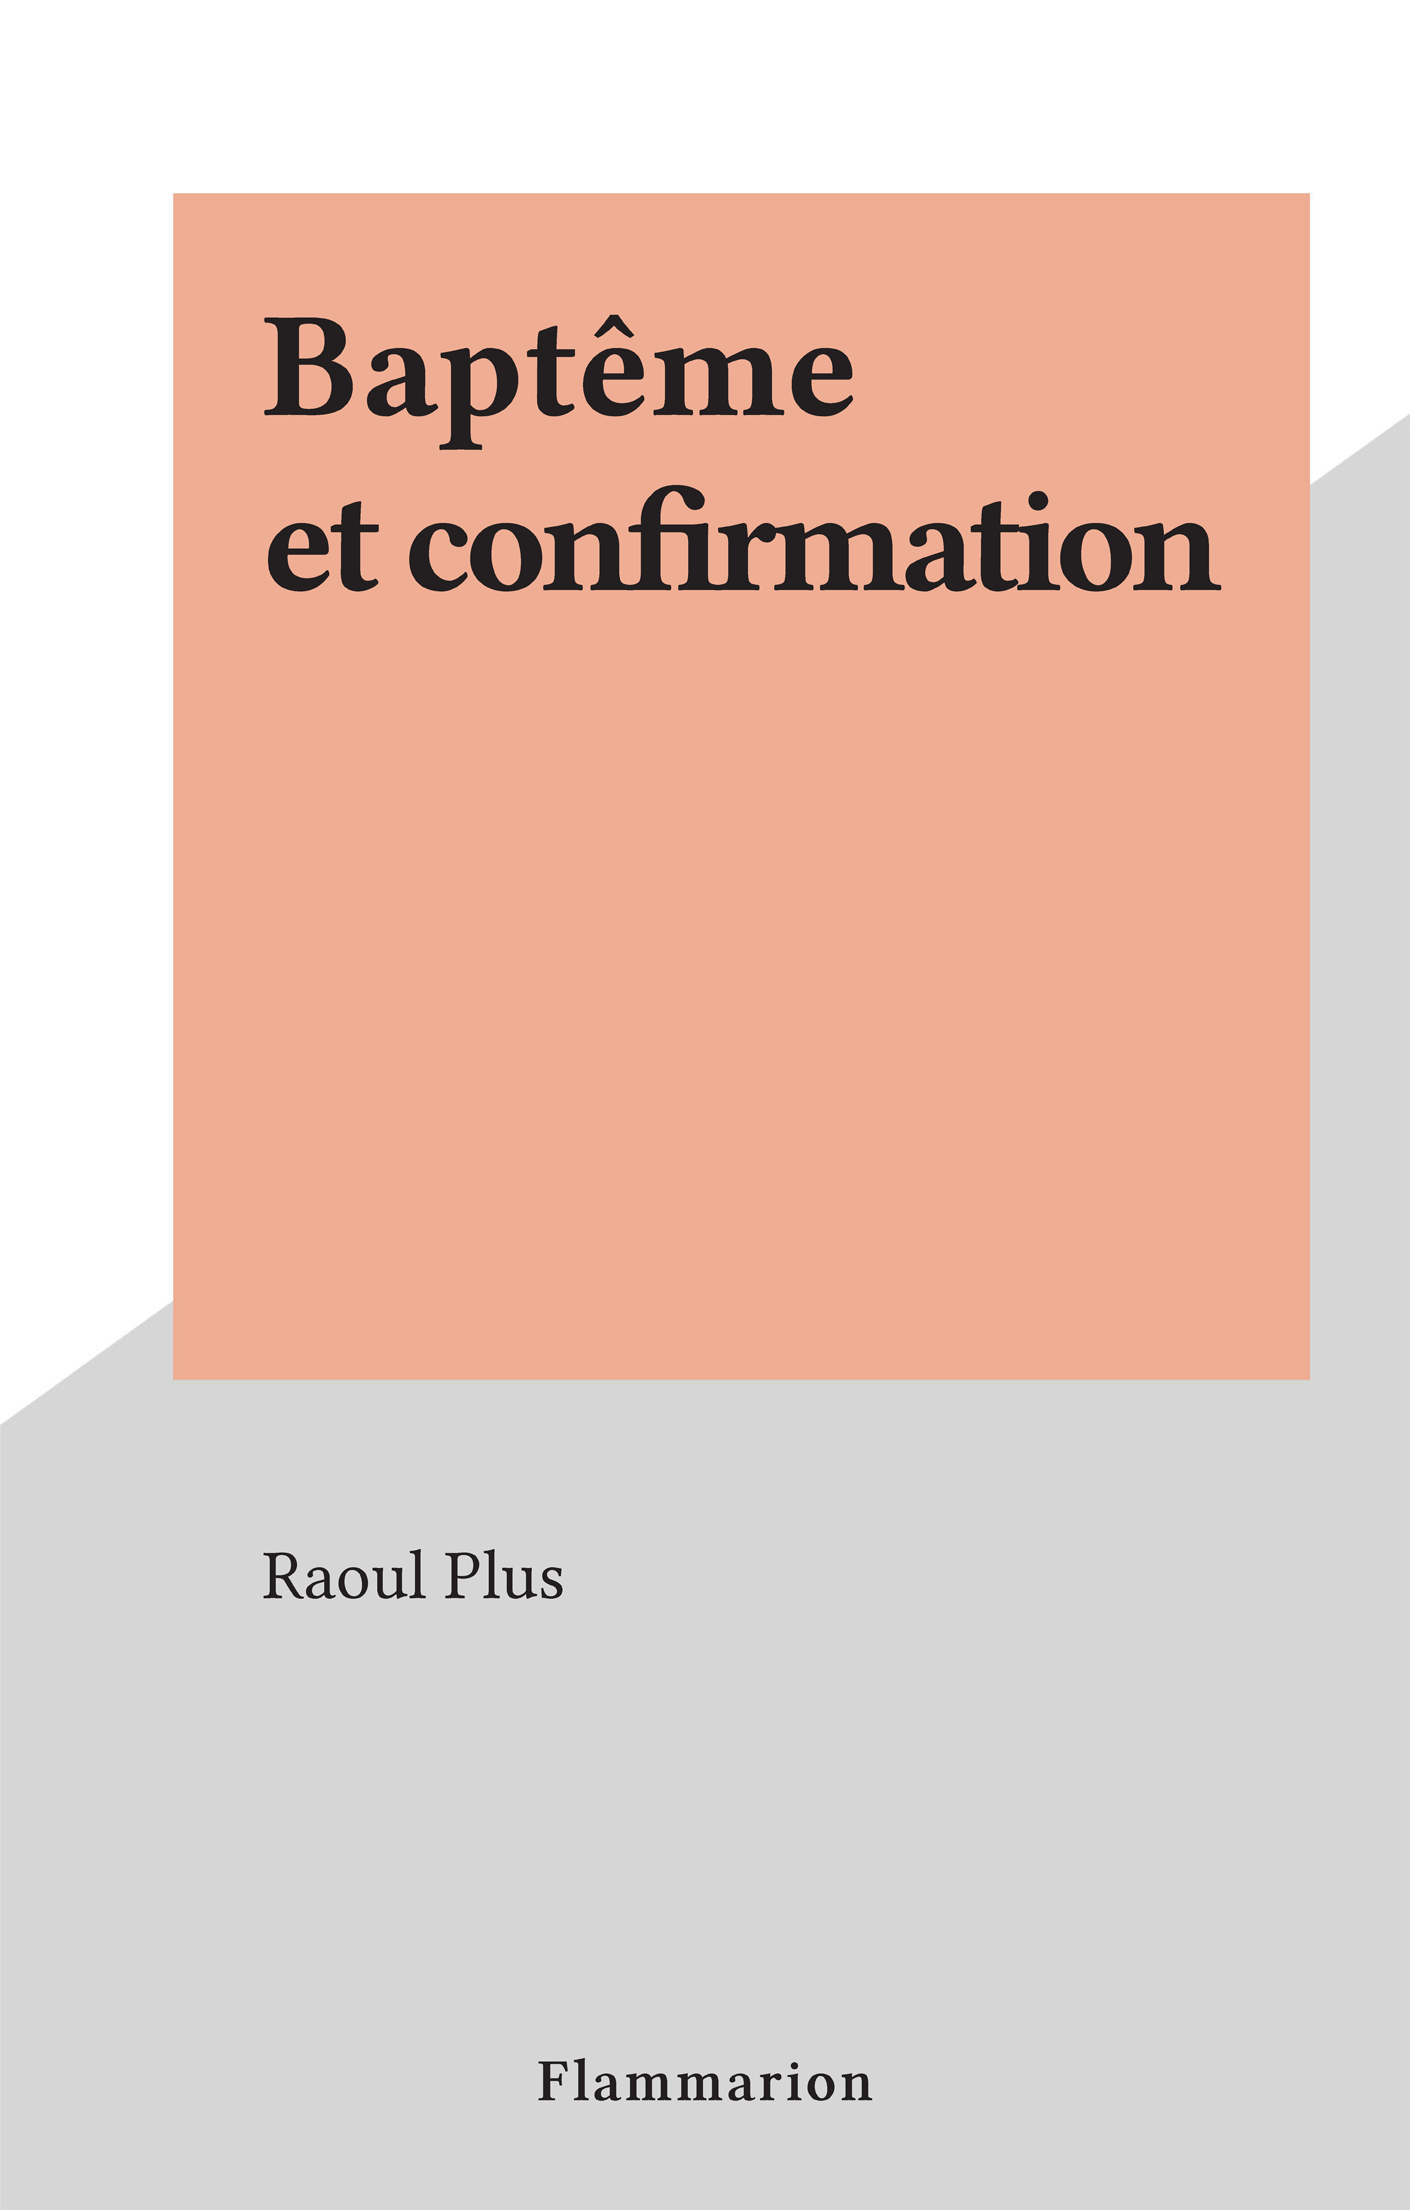 Baptême et confirmation